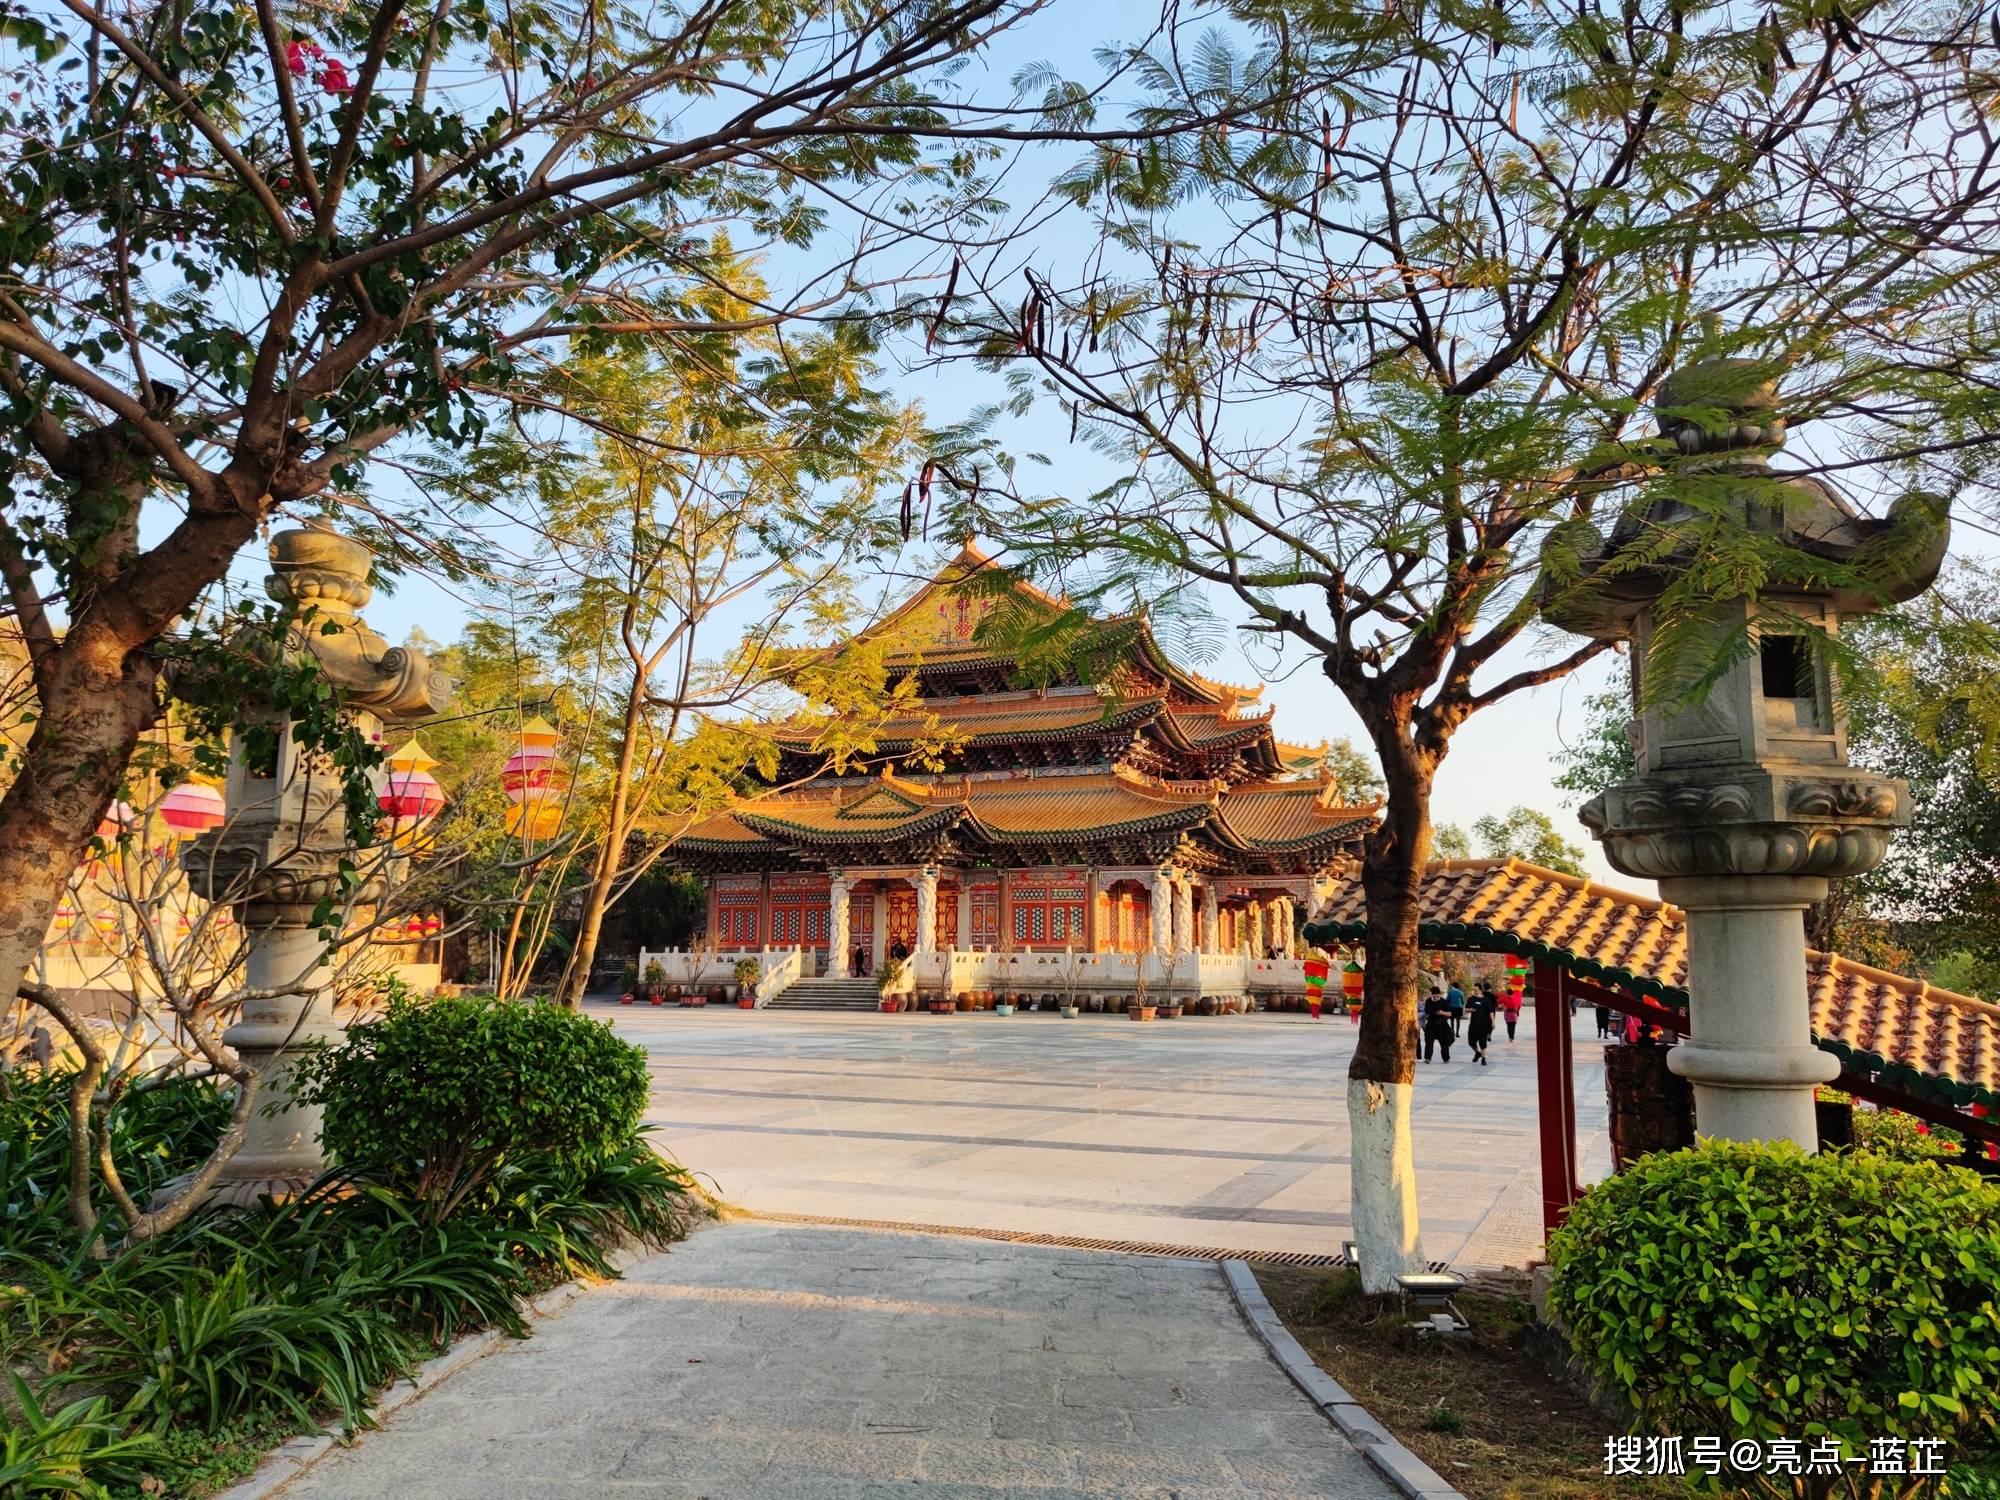 了不起的梅山寺,拥有两个国内之最——石质山门、缅甸白玉佛像  第8张